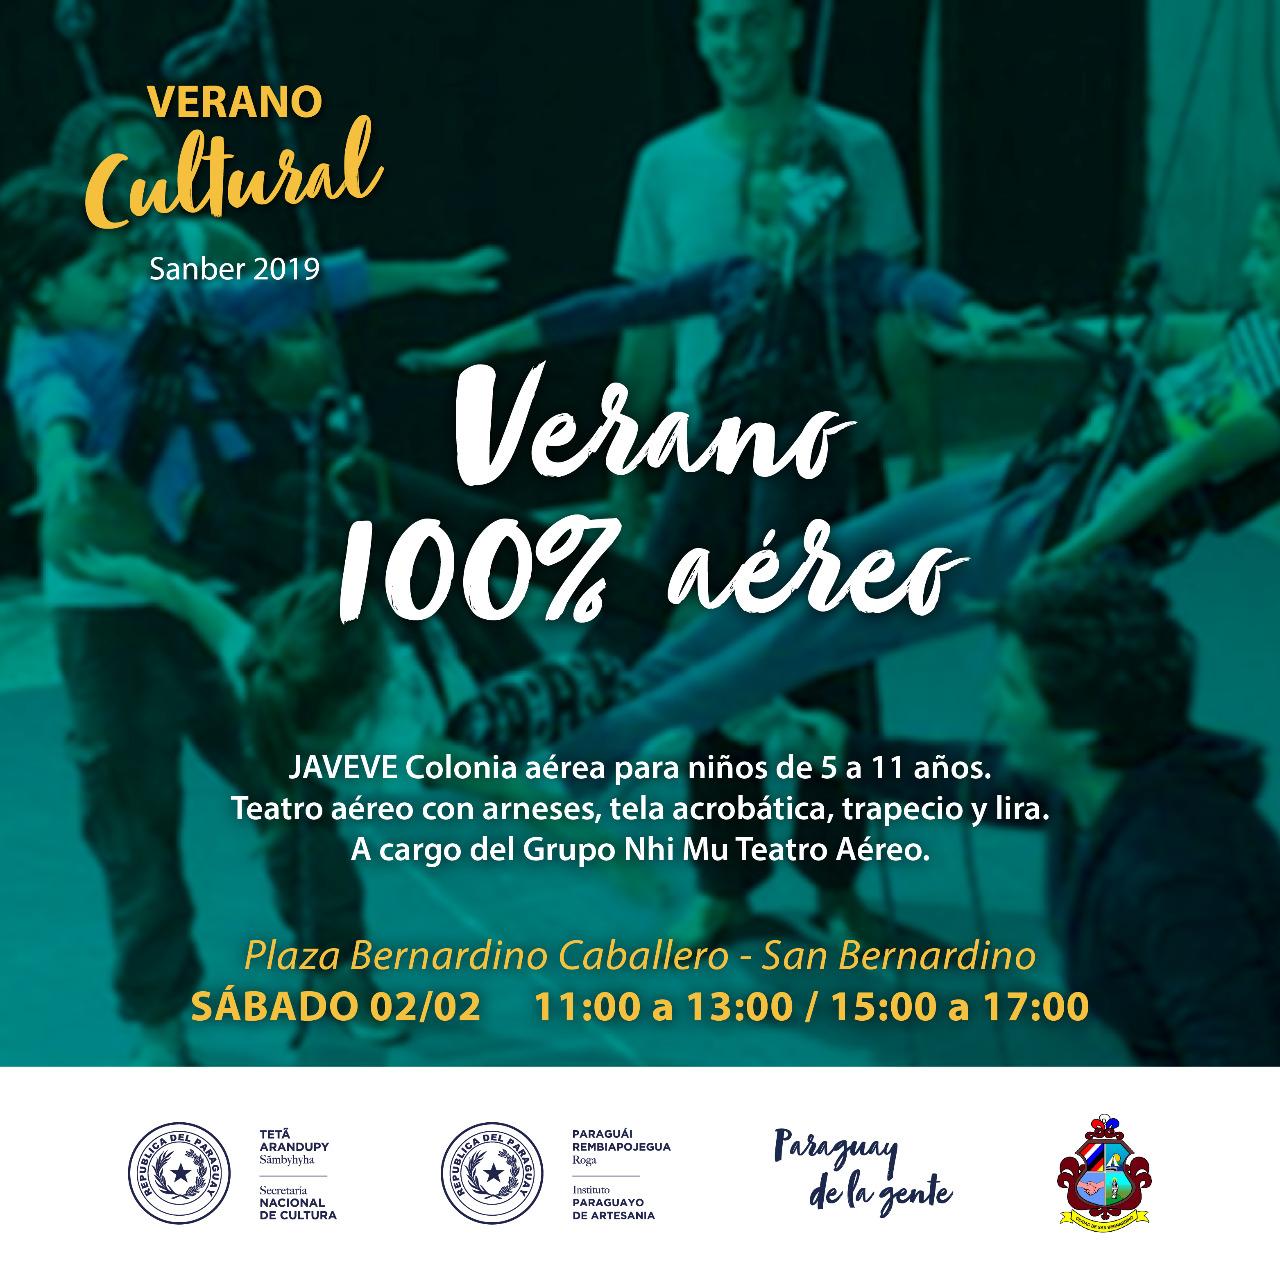 Flyer Verano Cultural Sanber 2 imagen